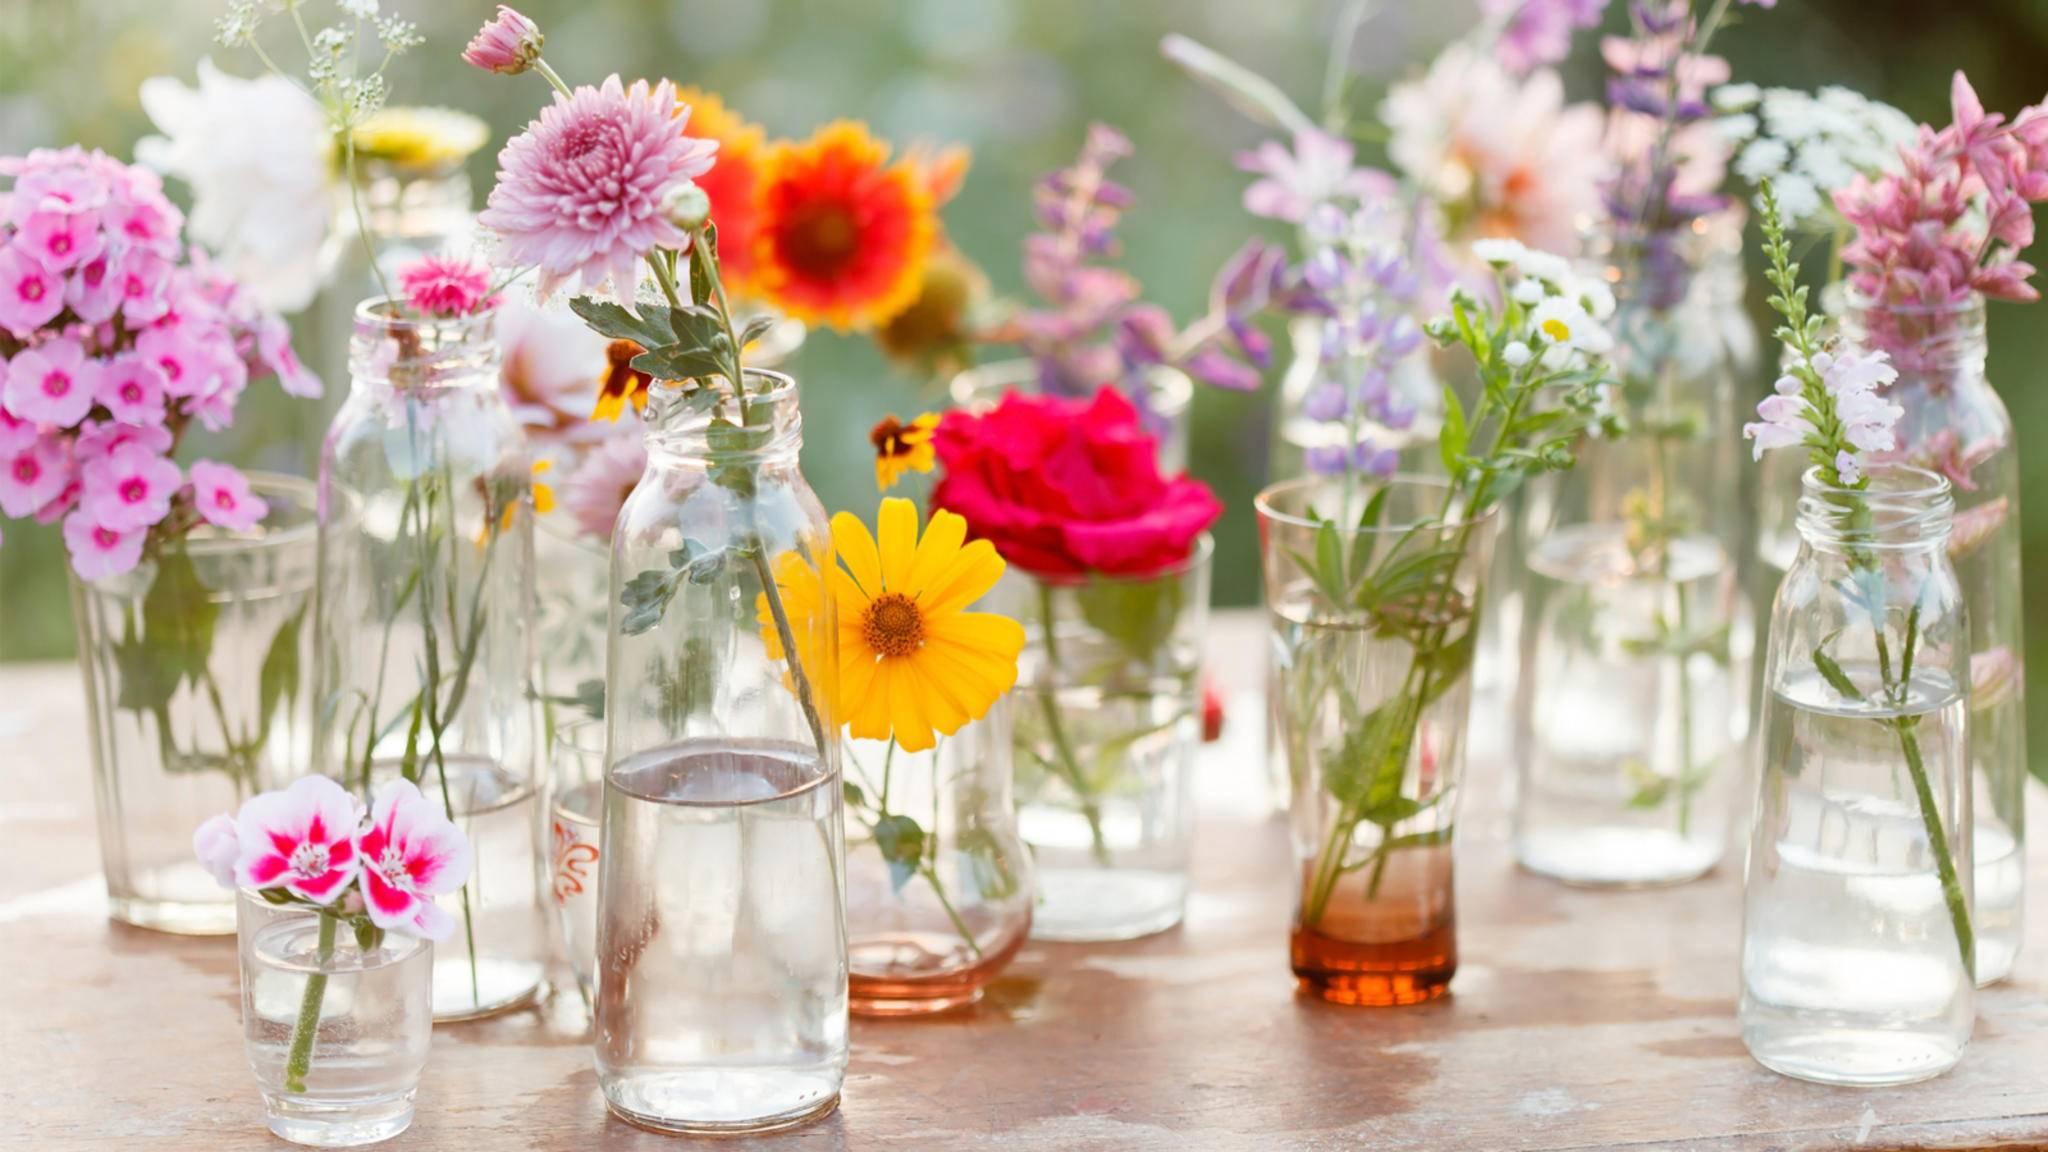 Frühlingsblumen sind die perfekte Deko und daher wie geschaffen für die verschiedensten DIY-Projekte.